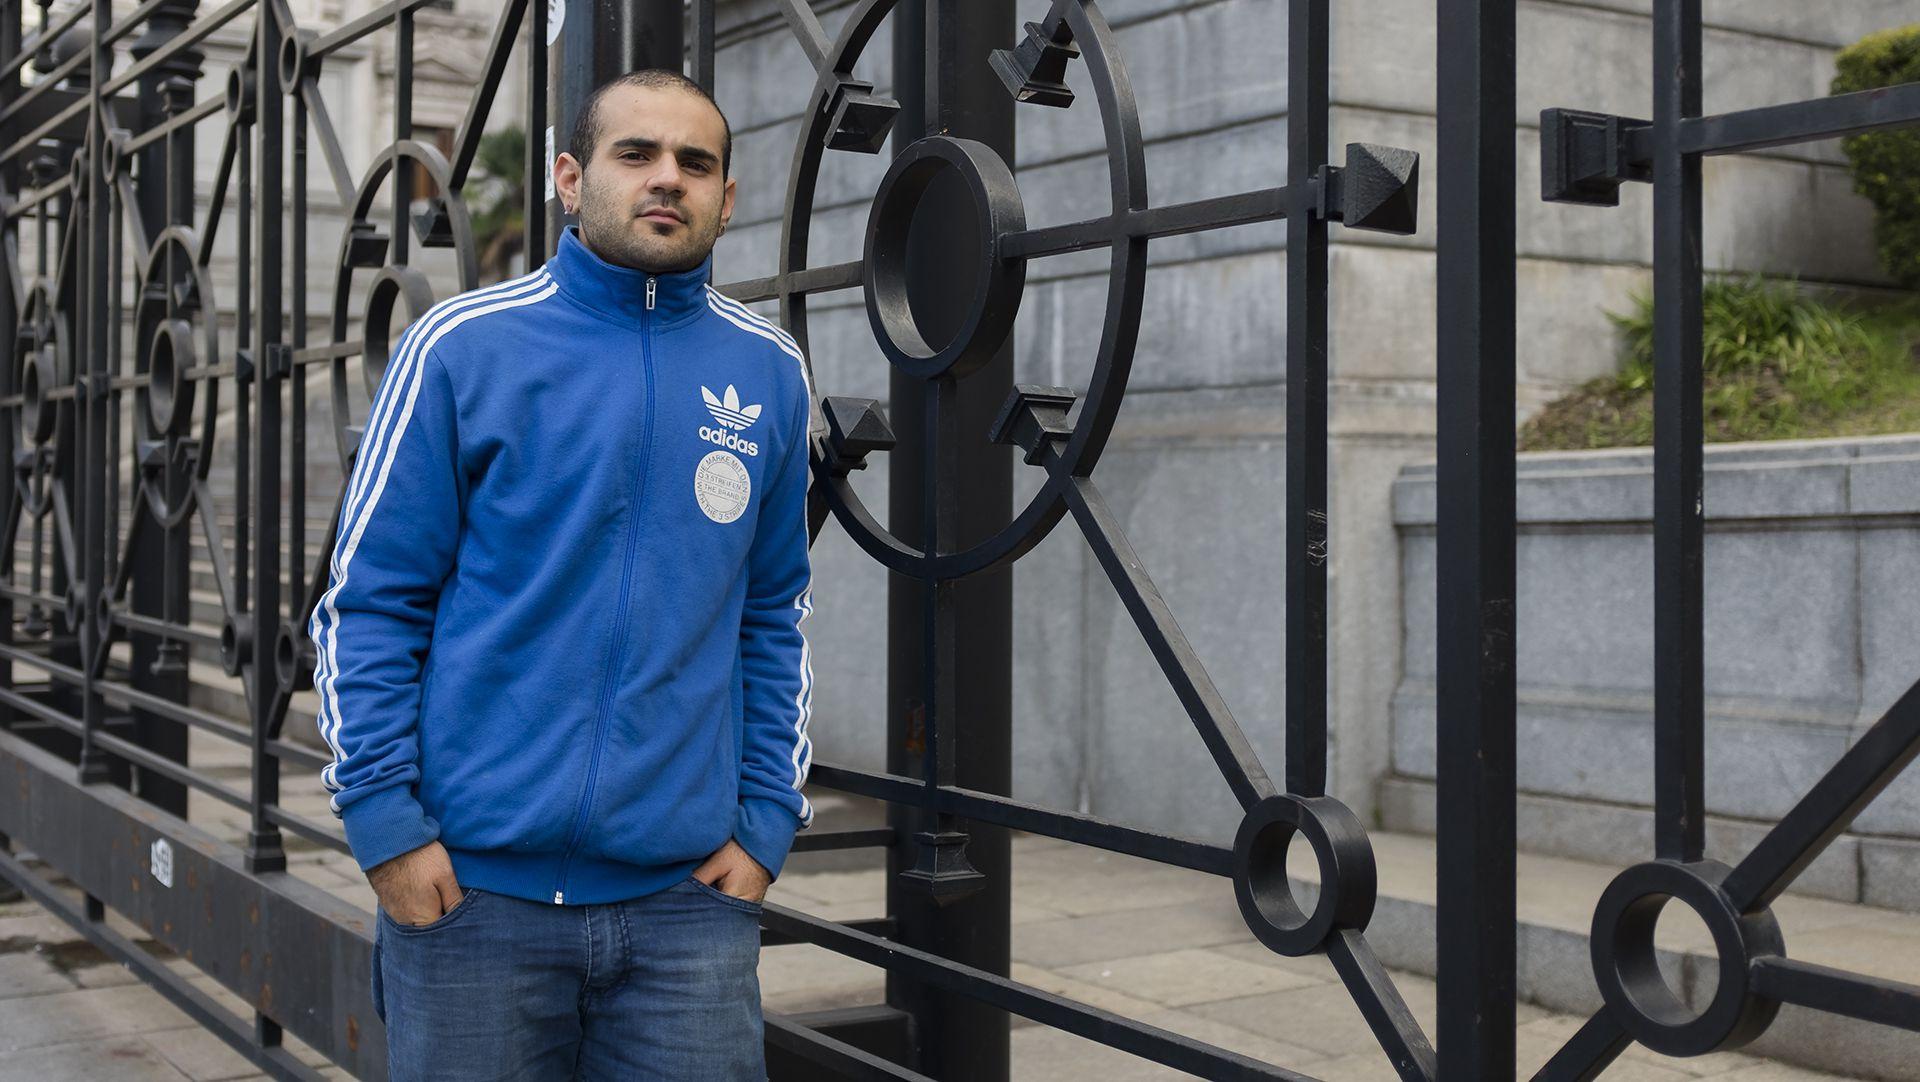 Diego Watkins es un joven trans, activista por los Derechos Humanos y promotor de salud (Adrián Escandar)